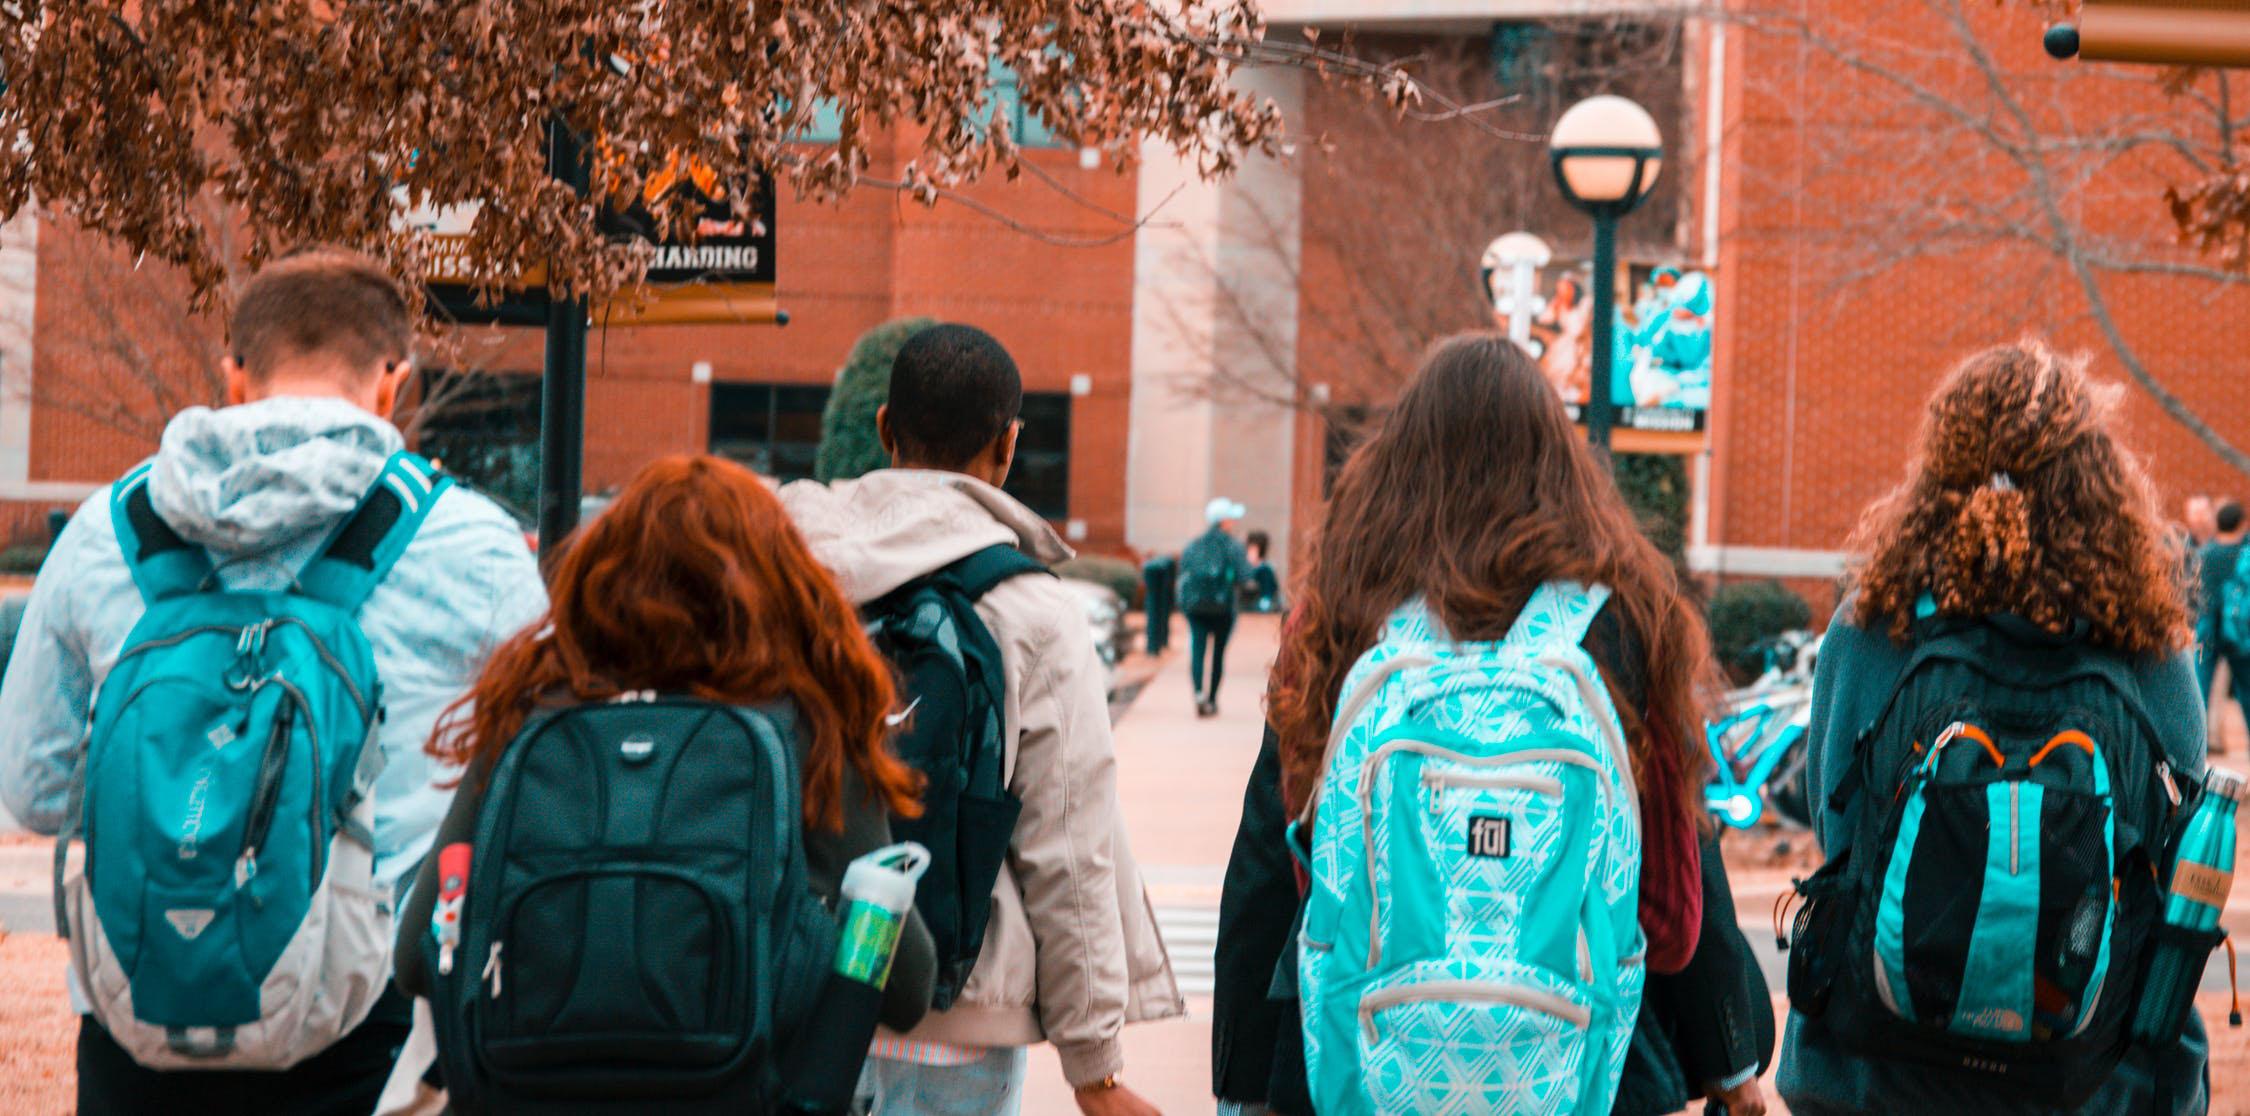 Academic integrity in universities